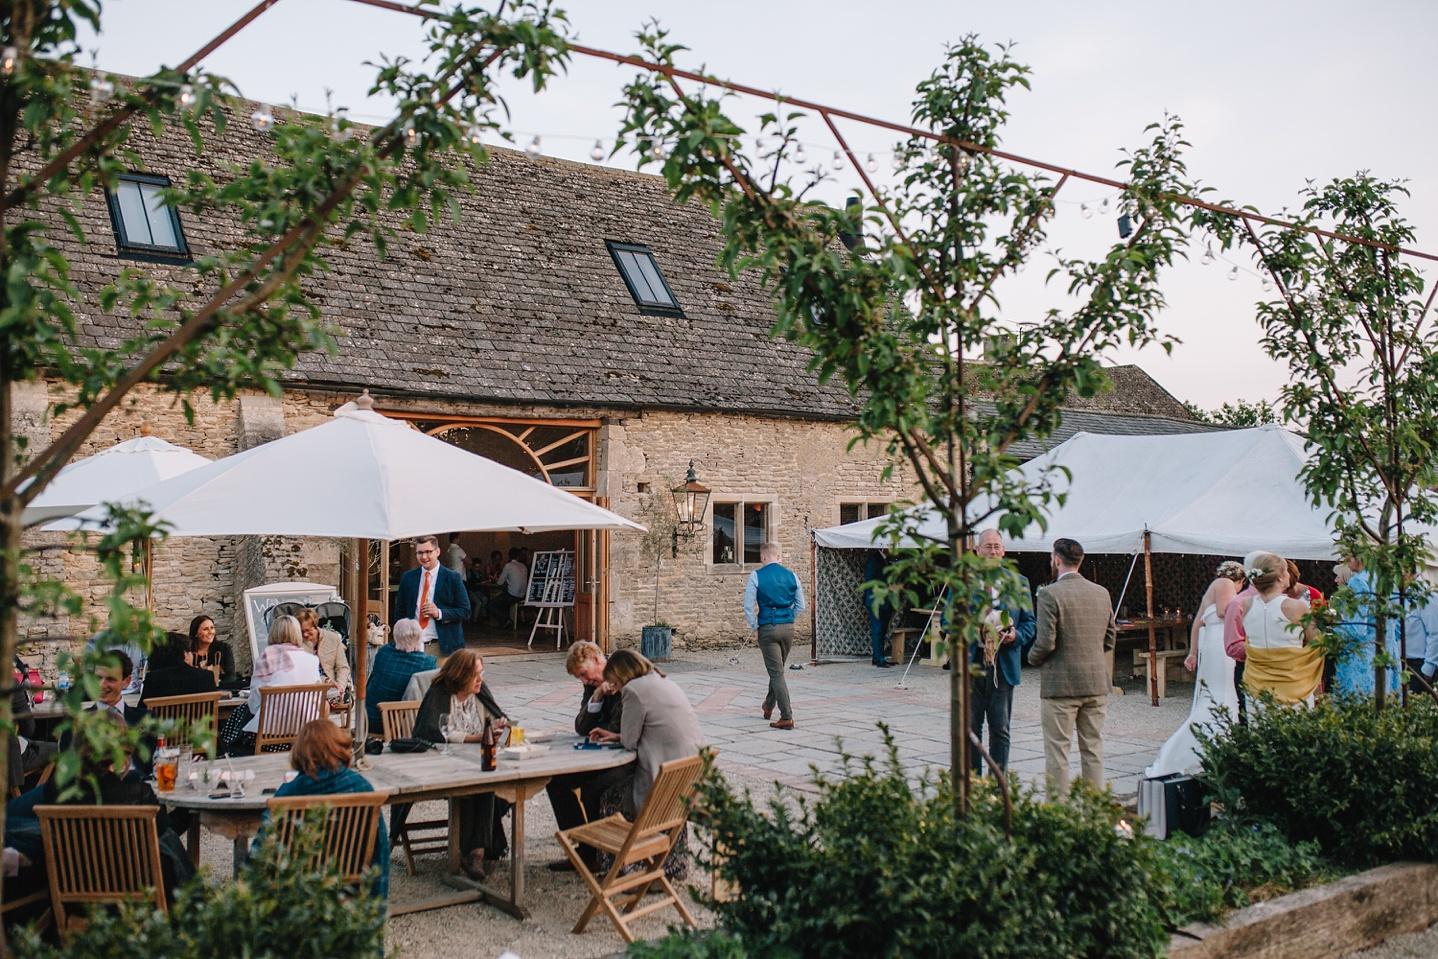 Oxleaze-Barn-Wedding-Photographer_0144.jpg